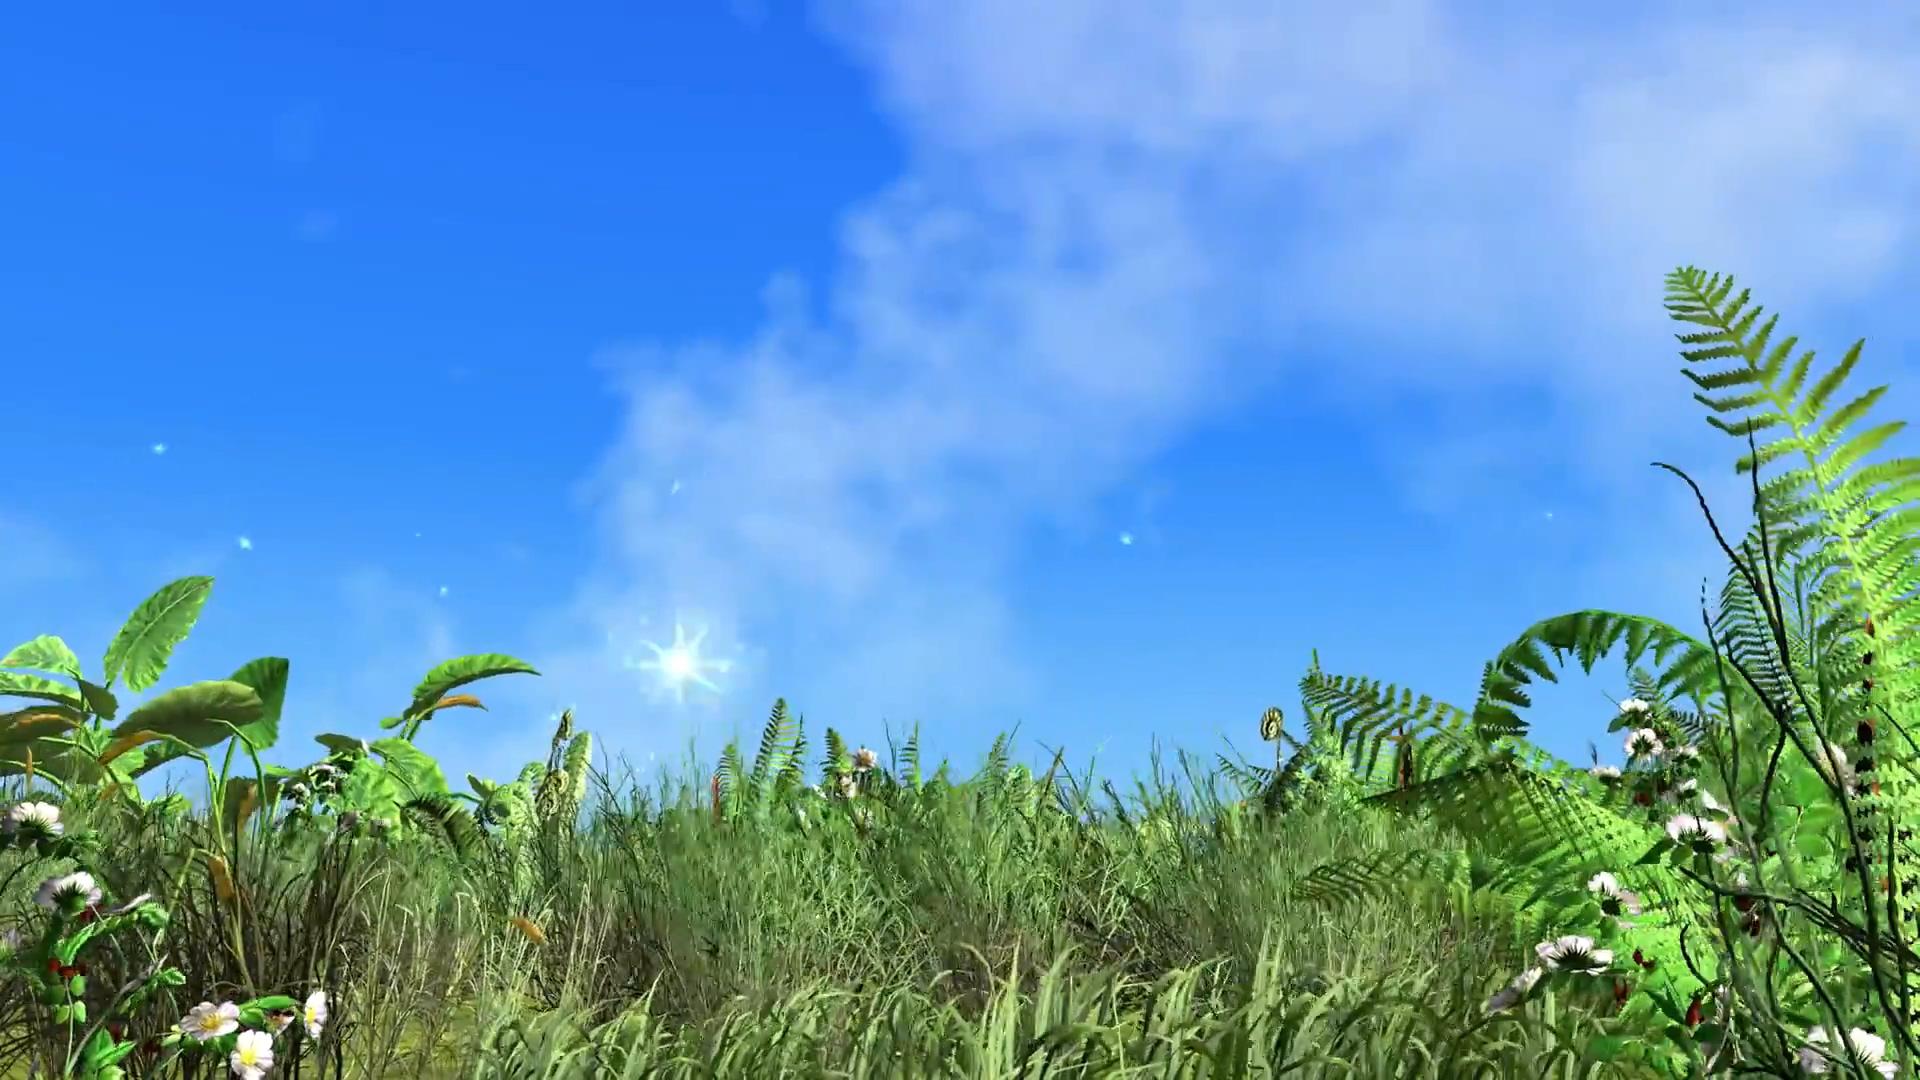 蓝天白云风吹动的草地